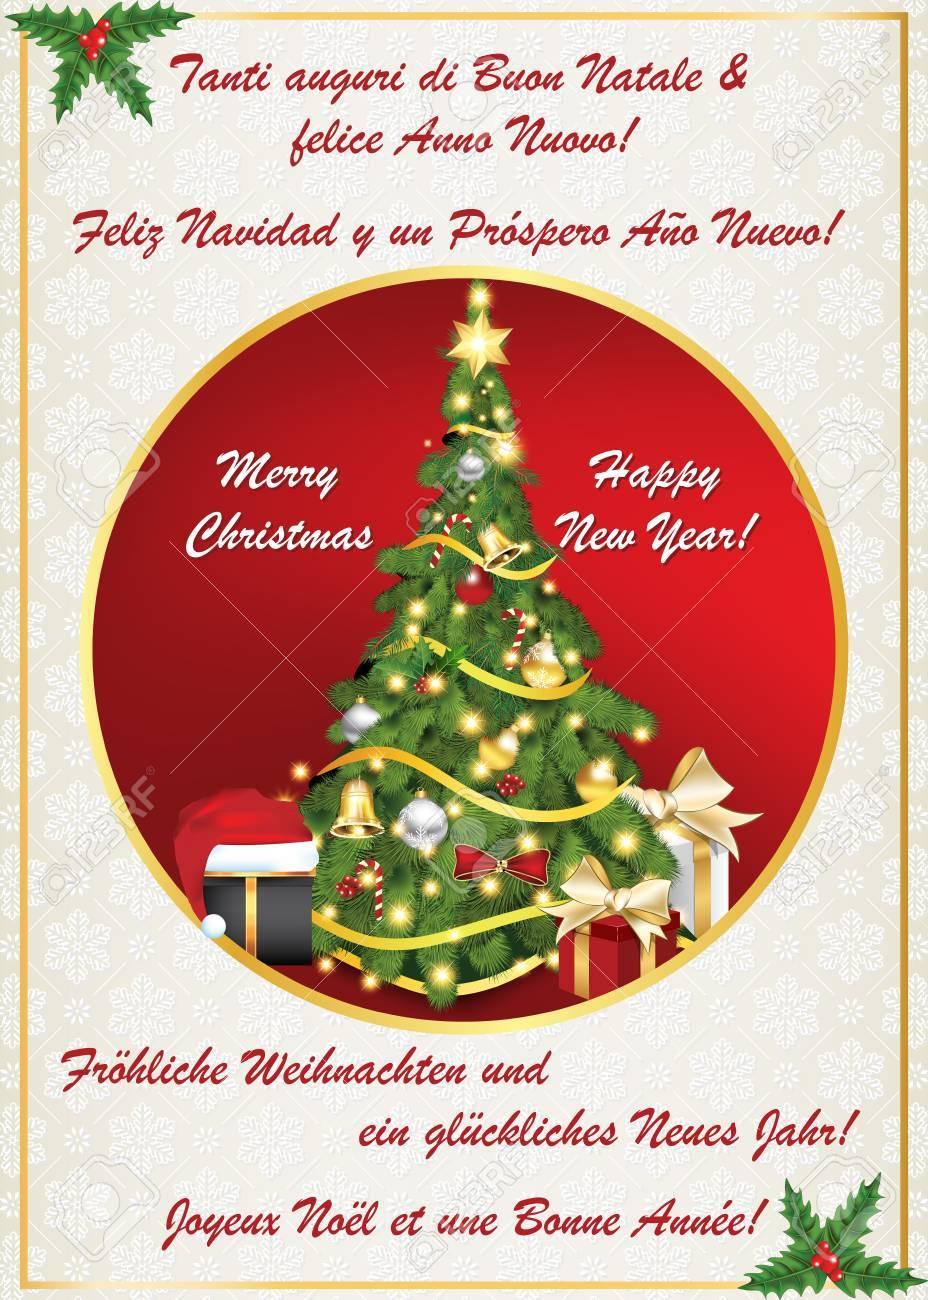 Joyeux Noel Et Nouvel An.Carte De Voeux De Nouvel An Classique Multilingue Joyeux Noel Et Bonne Annee Italien Espagnol Anglais Allemand Et Francais Imprimer Les